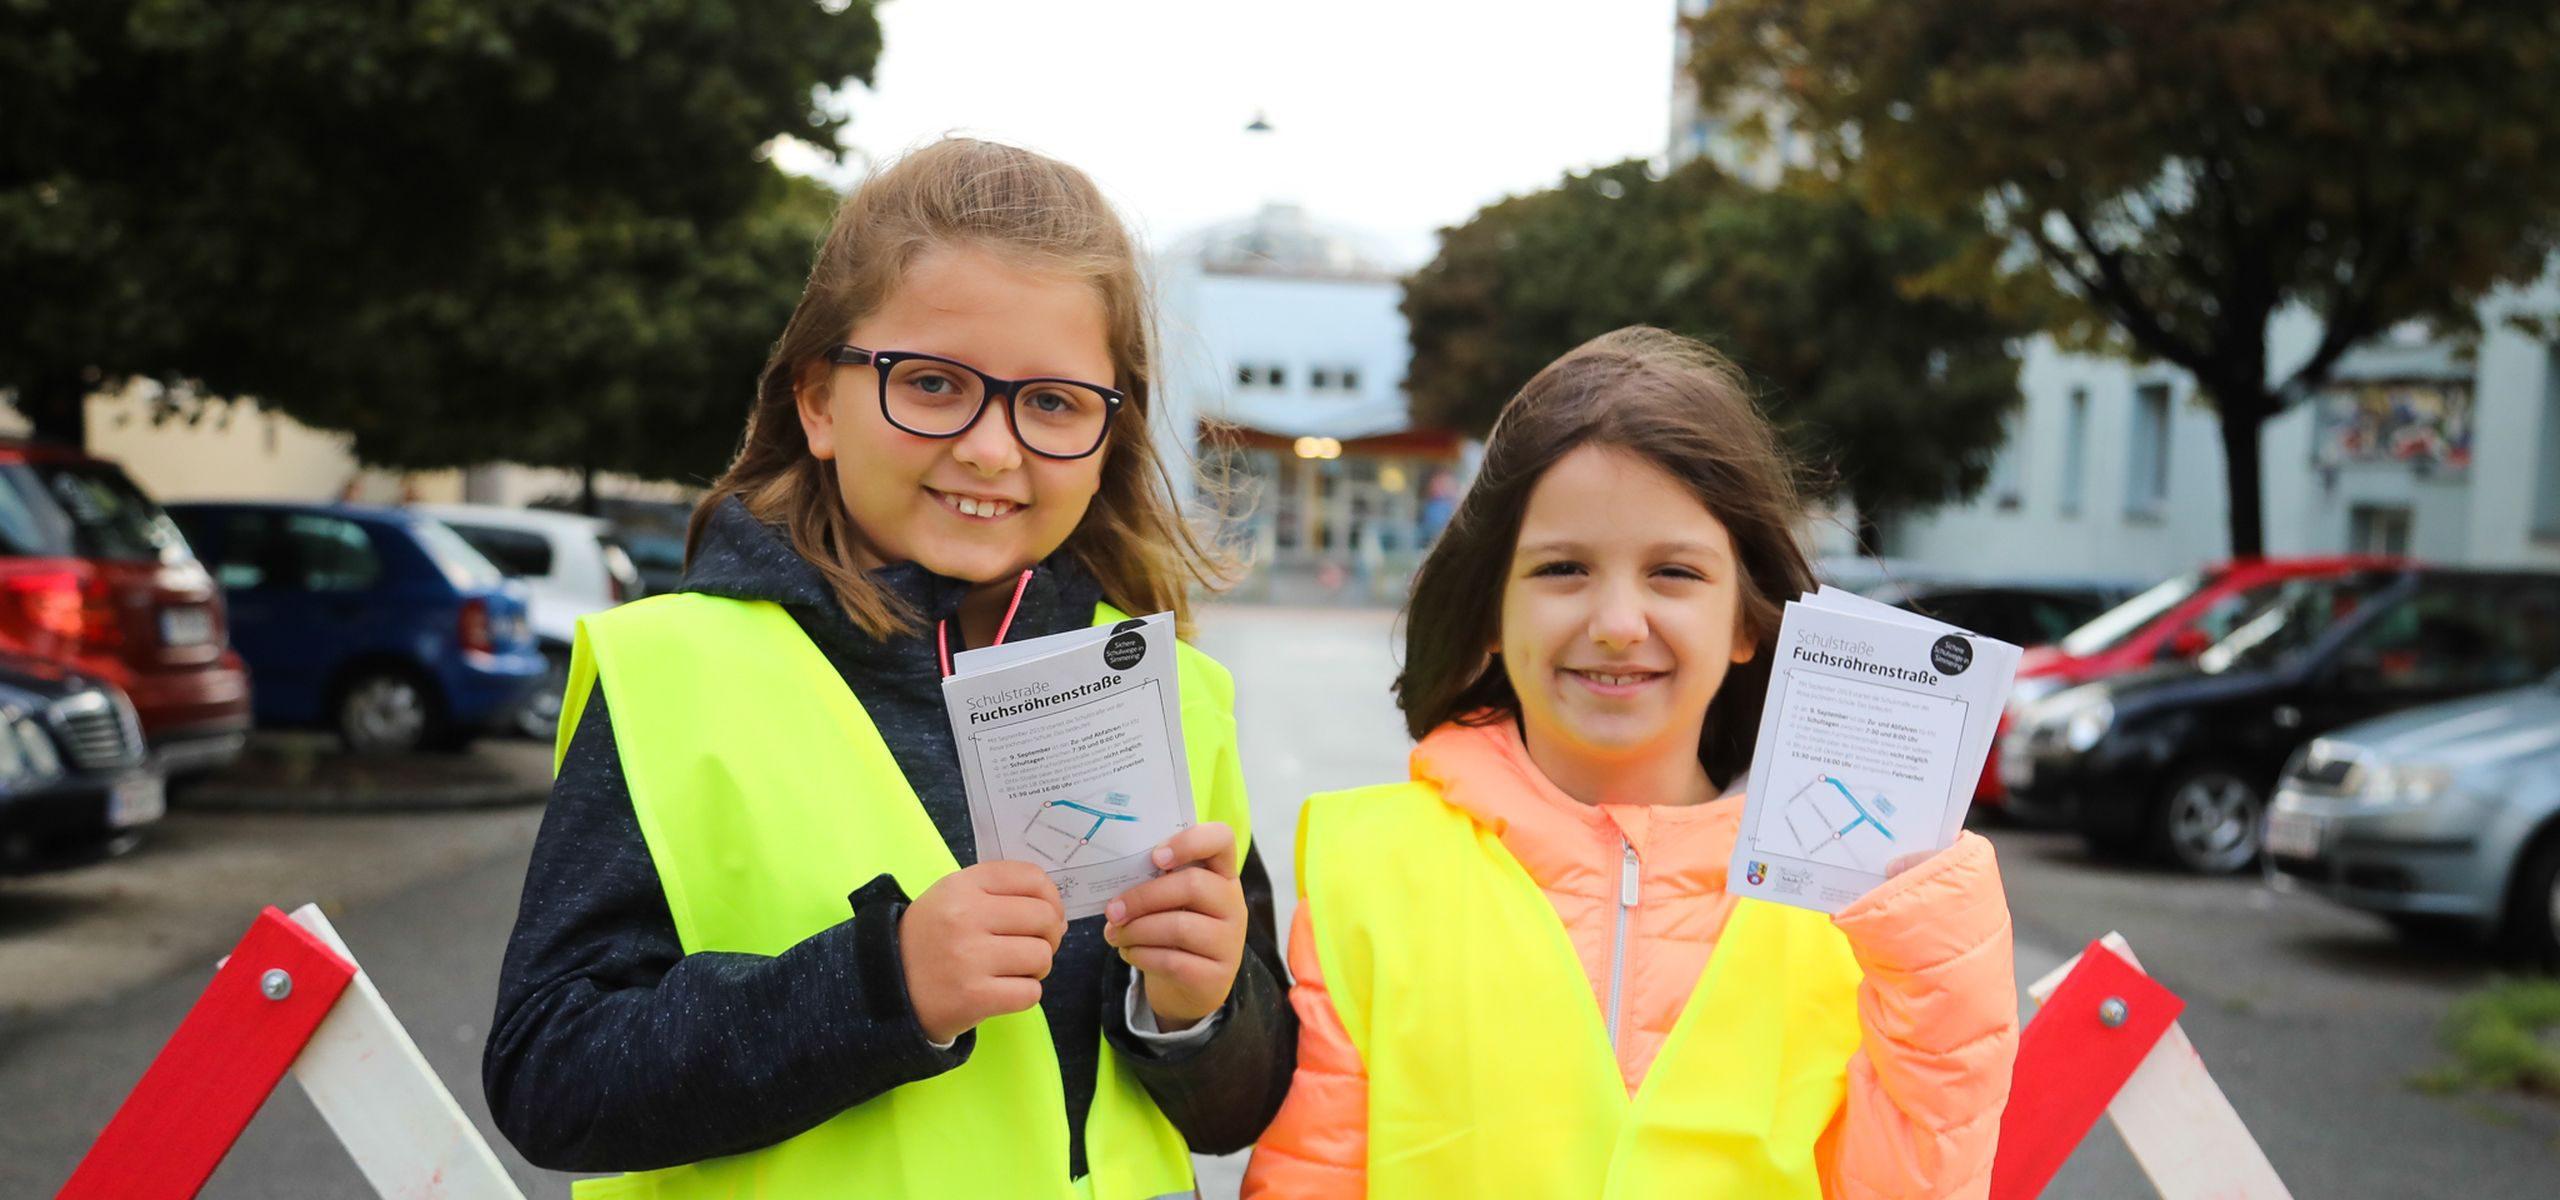 Schülerinnen der Volksschule Fuchsröhrenstraße machen auf das morgendliche Fahrverbot aufmerksam.